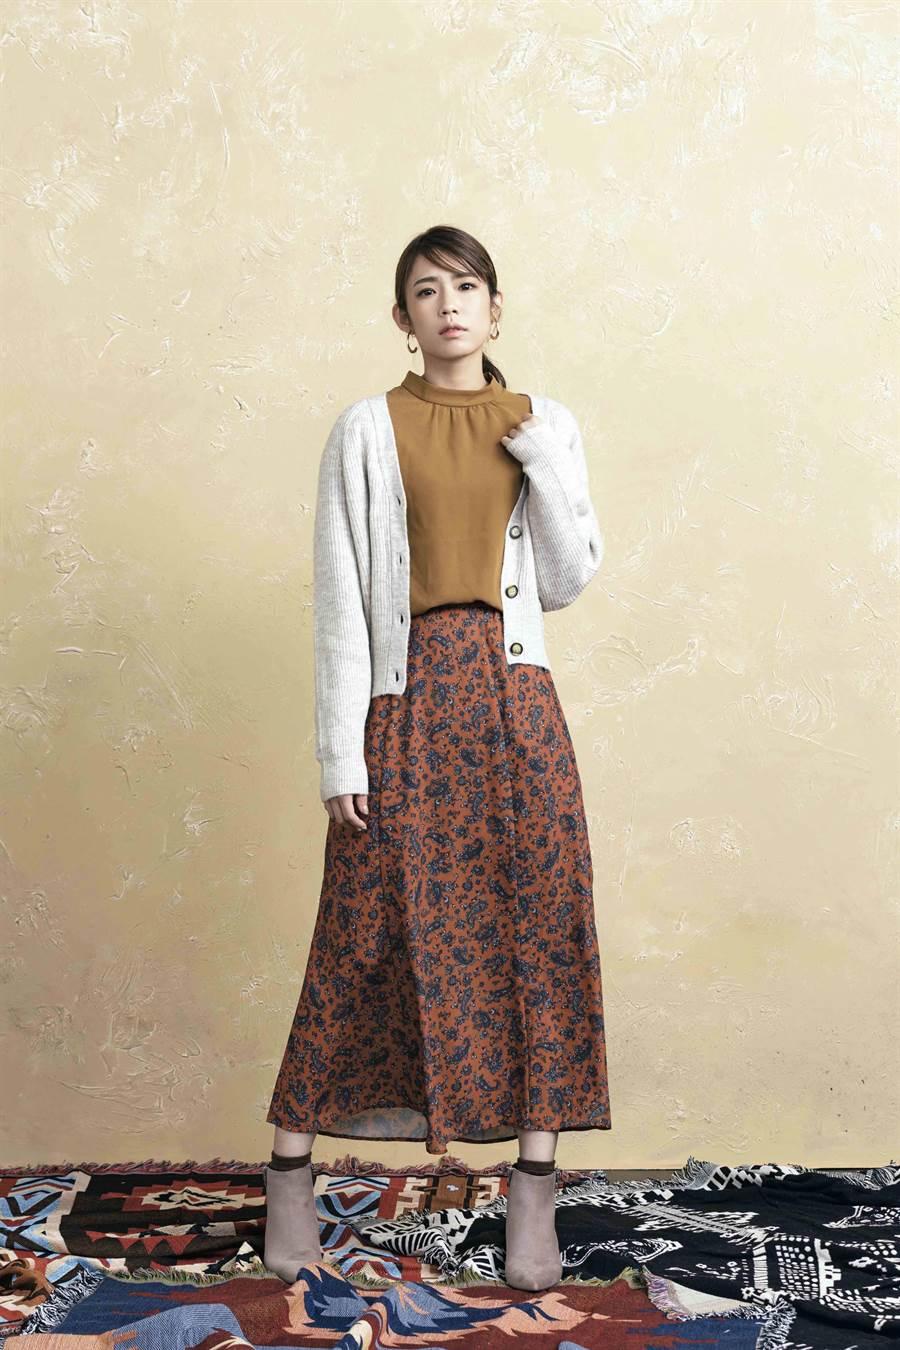 換季必備的針織開襟外套搭配復古印花長裙與秋色系上衣,完美演繹優雅女人味造型。(GU提供)